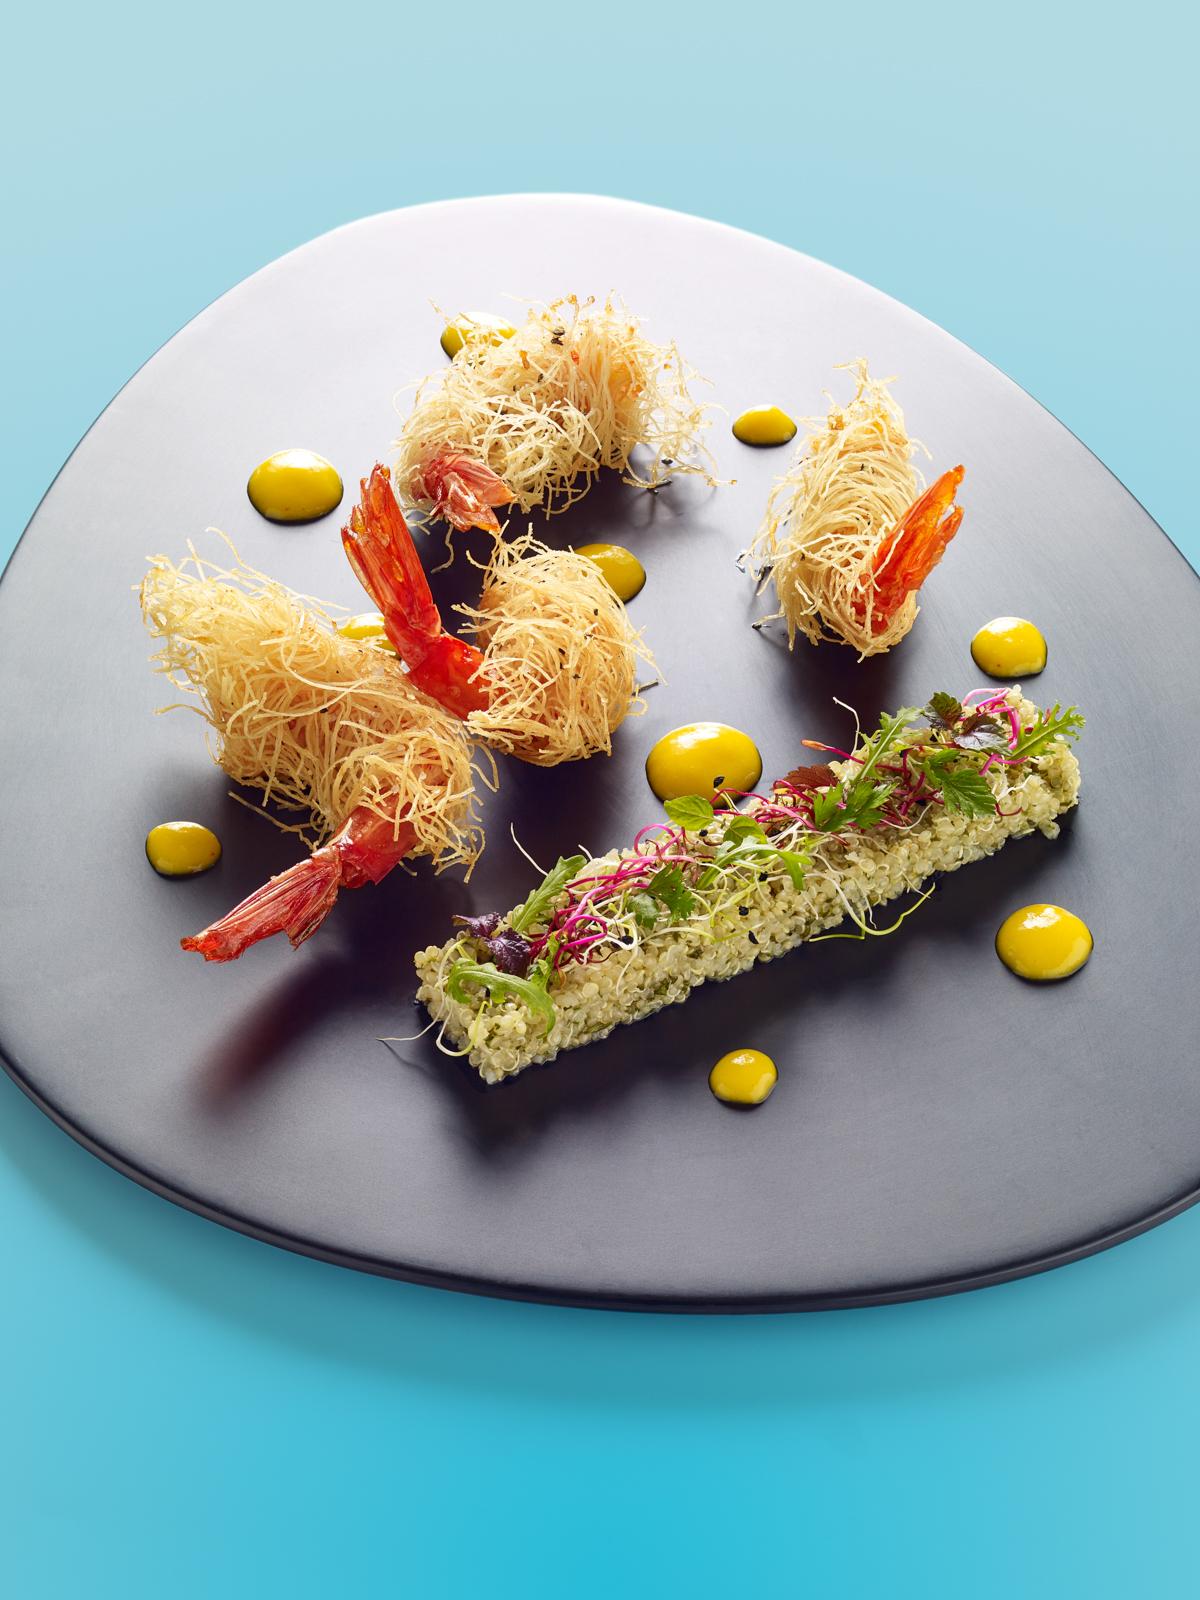 Les gambas croustillantes, salade de quinoa relevée de coriandre et citron vert, vinaigrette à la mangue